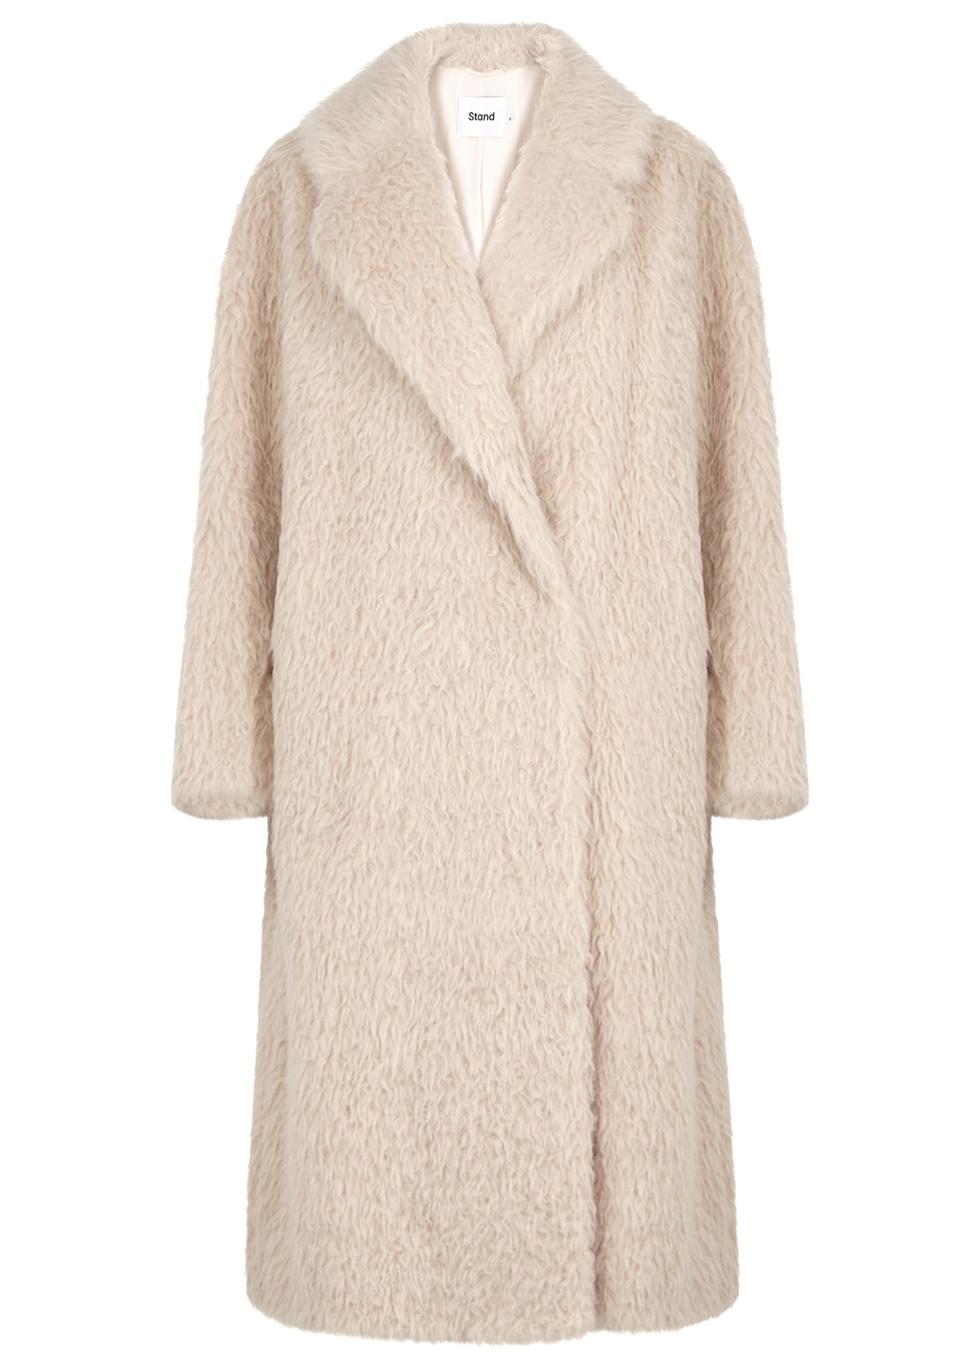 Nicole Cream Faux Shearing Coat, Off White